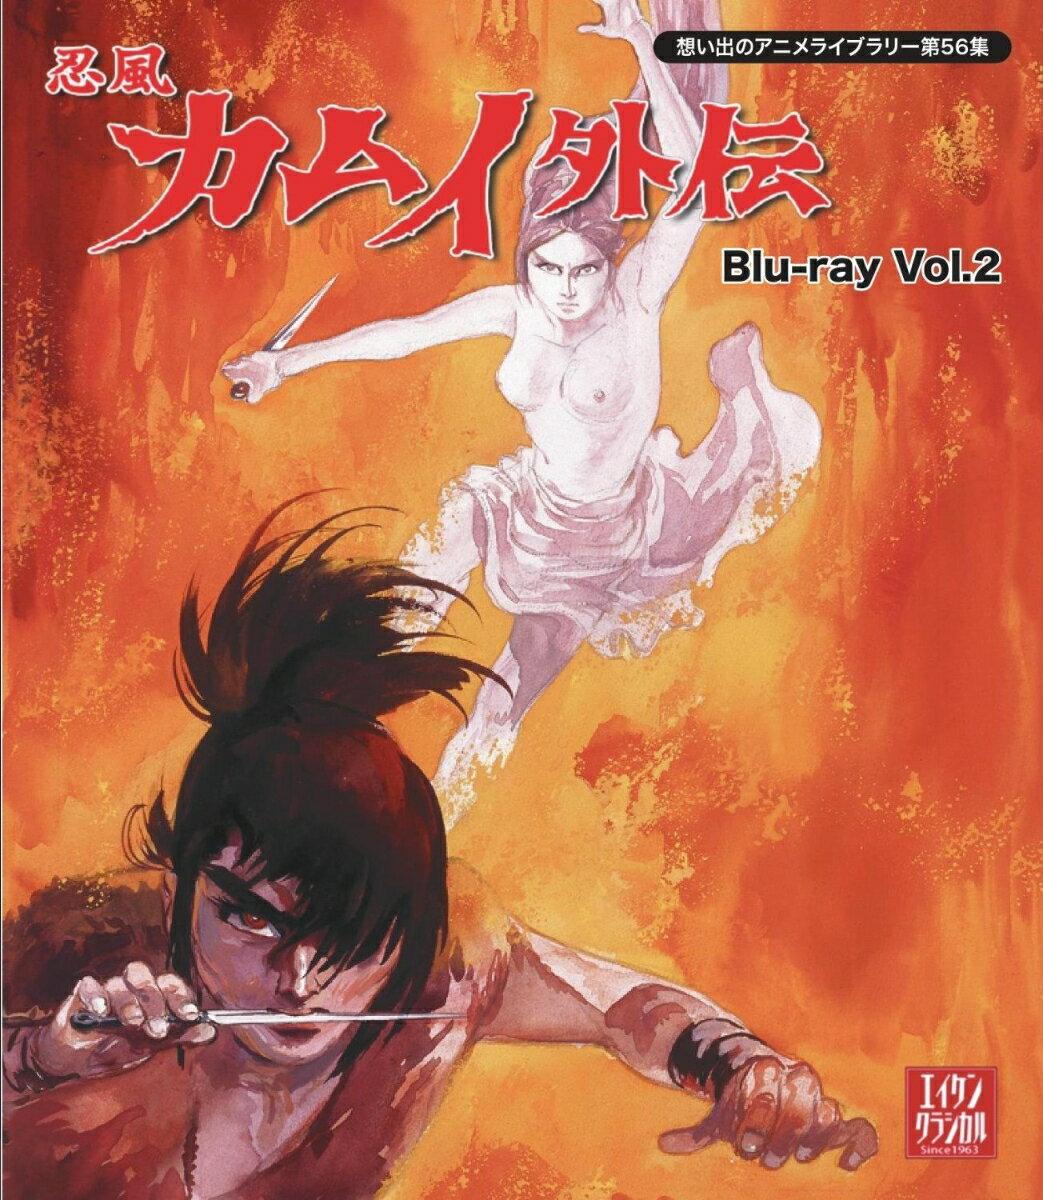 忍風カムイ外伝 Vol.2【Blu-ray】画像